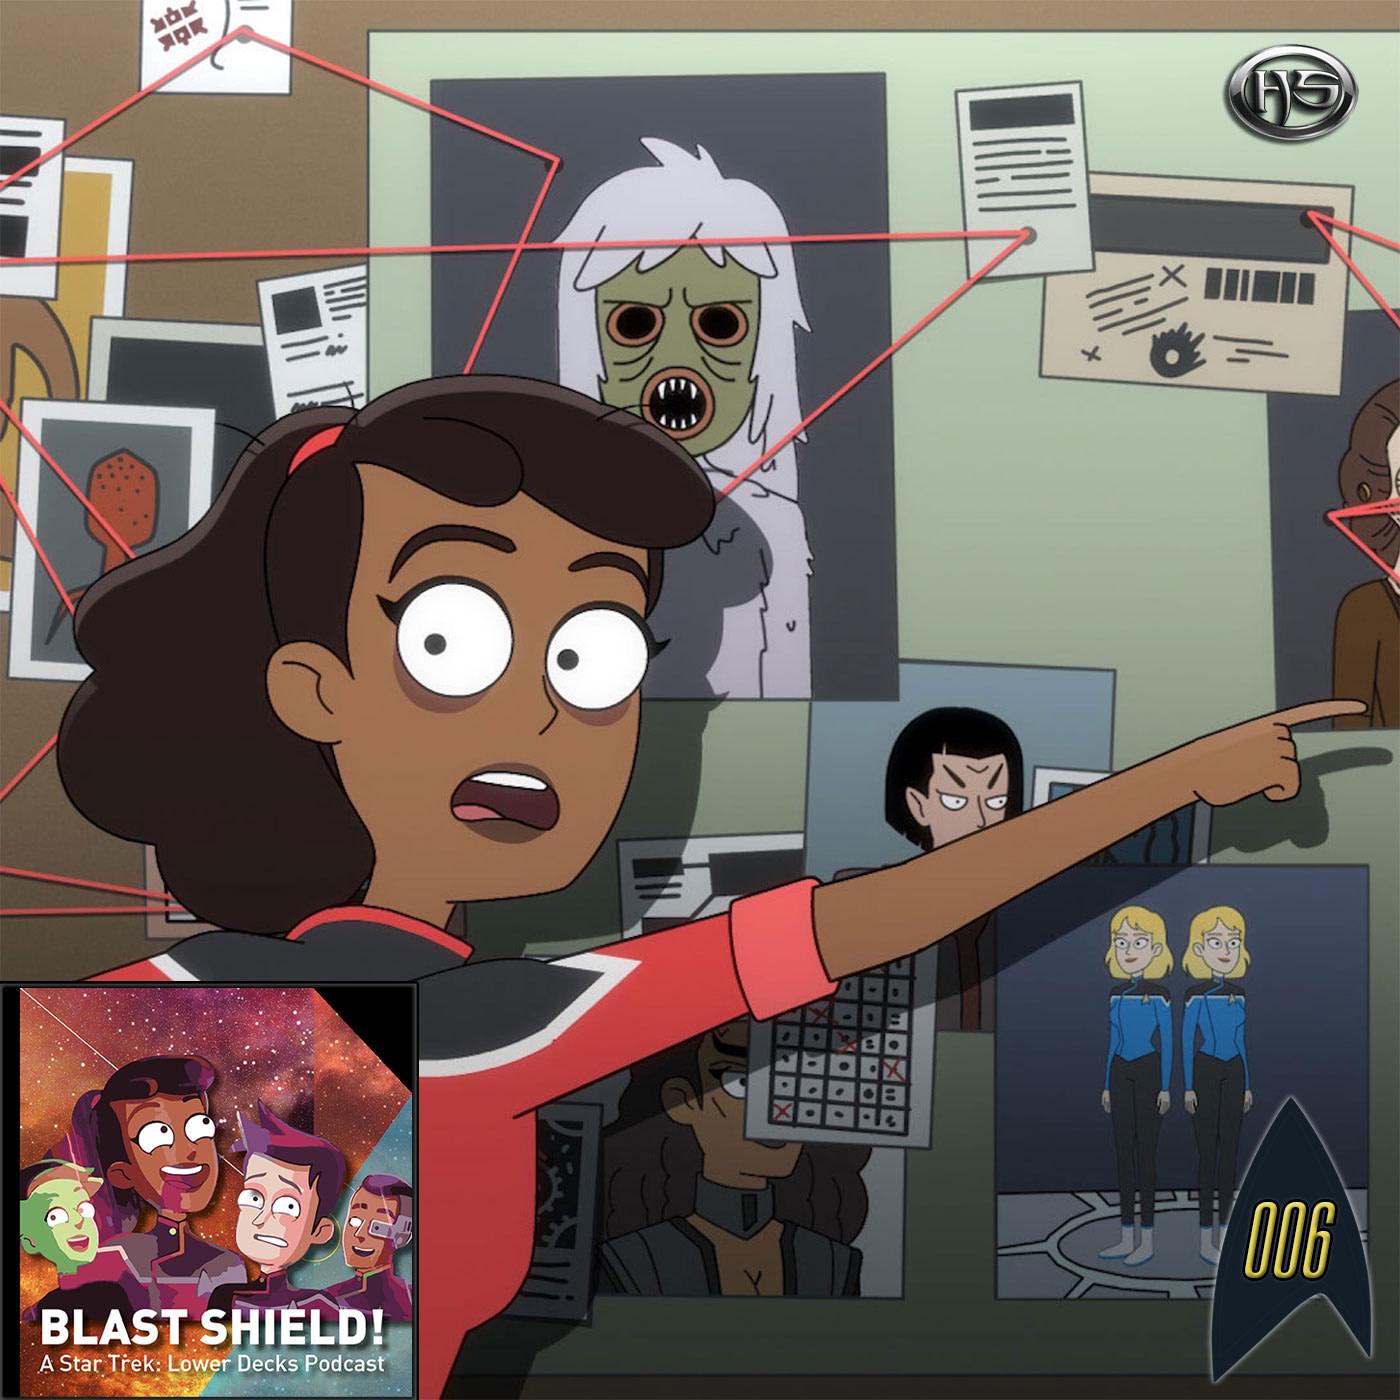 Blast Shield! Episode 6